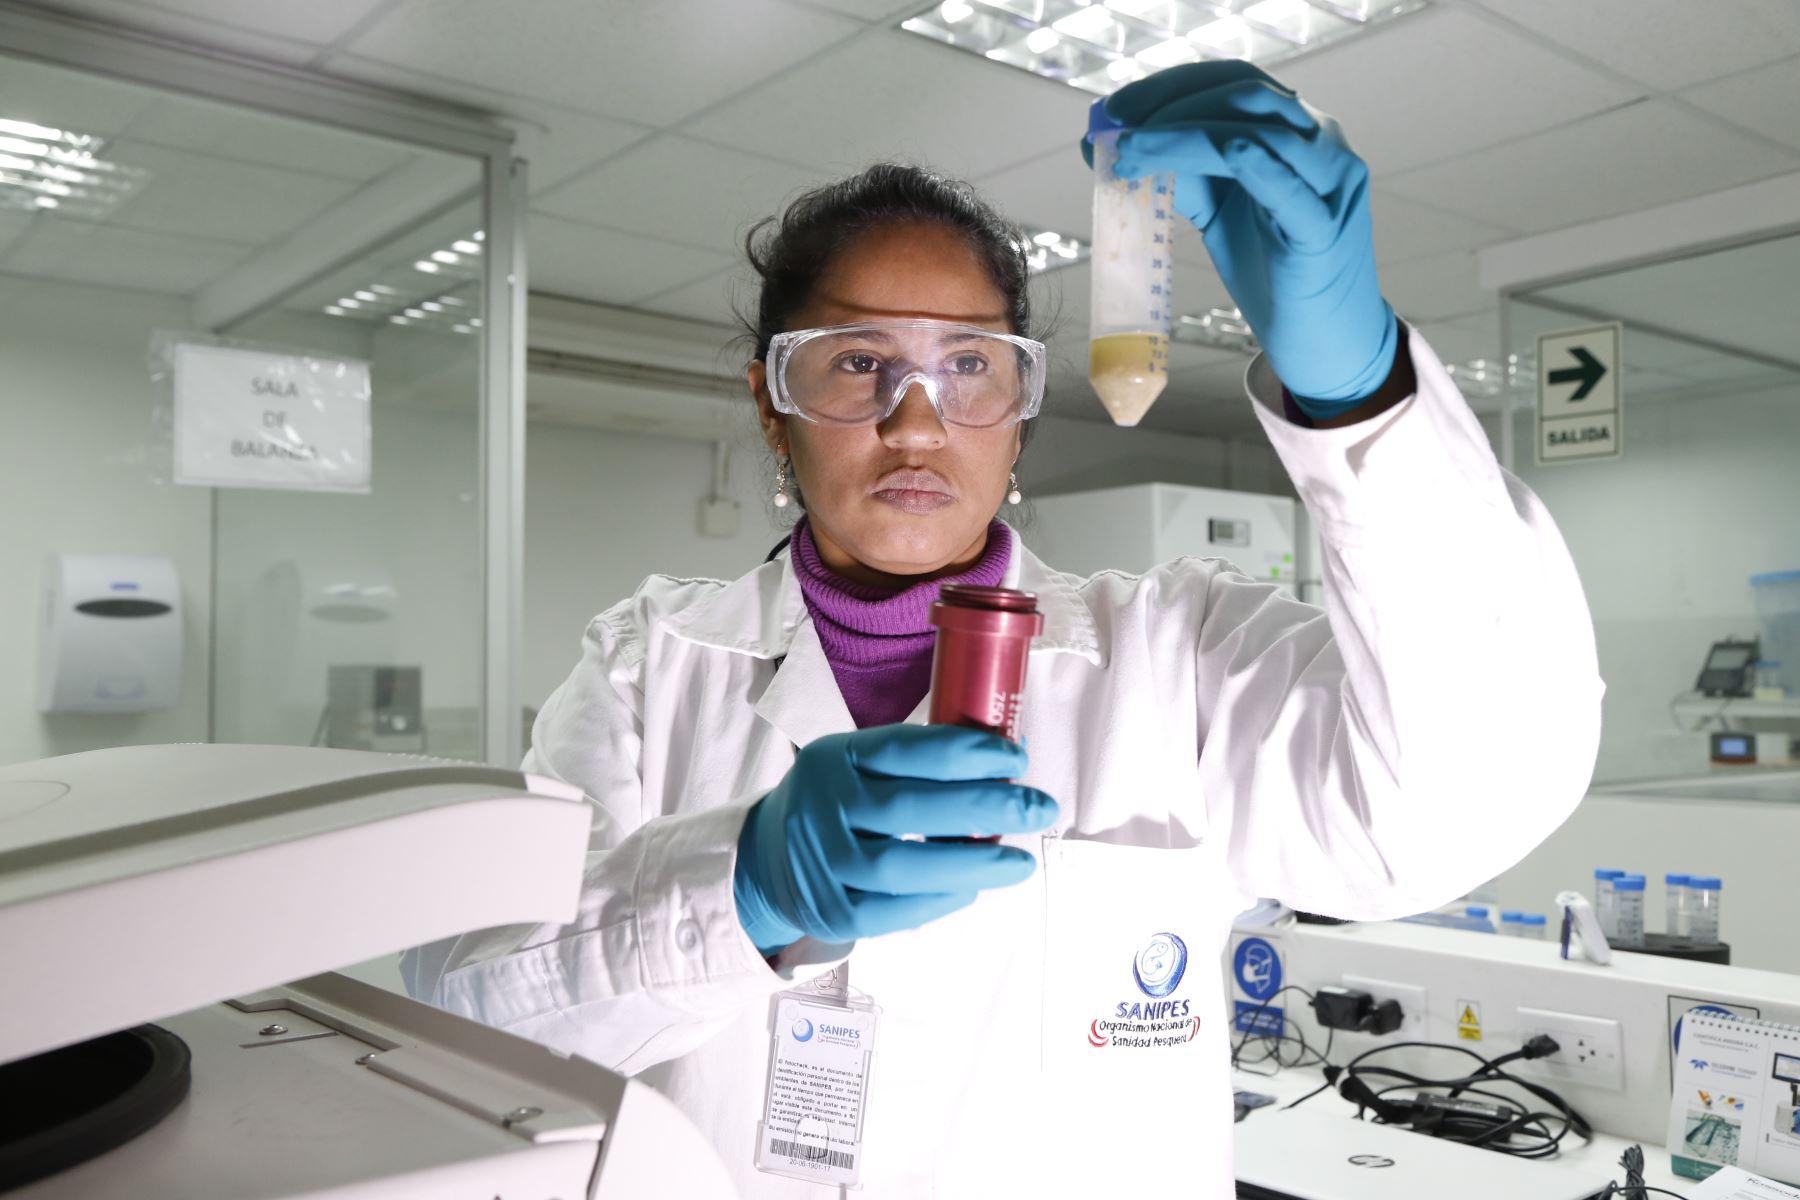 Labor de Sanipes cuida la salud de consumidores.Foto:  ANDINA/Difusión.